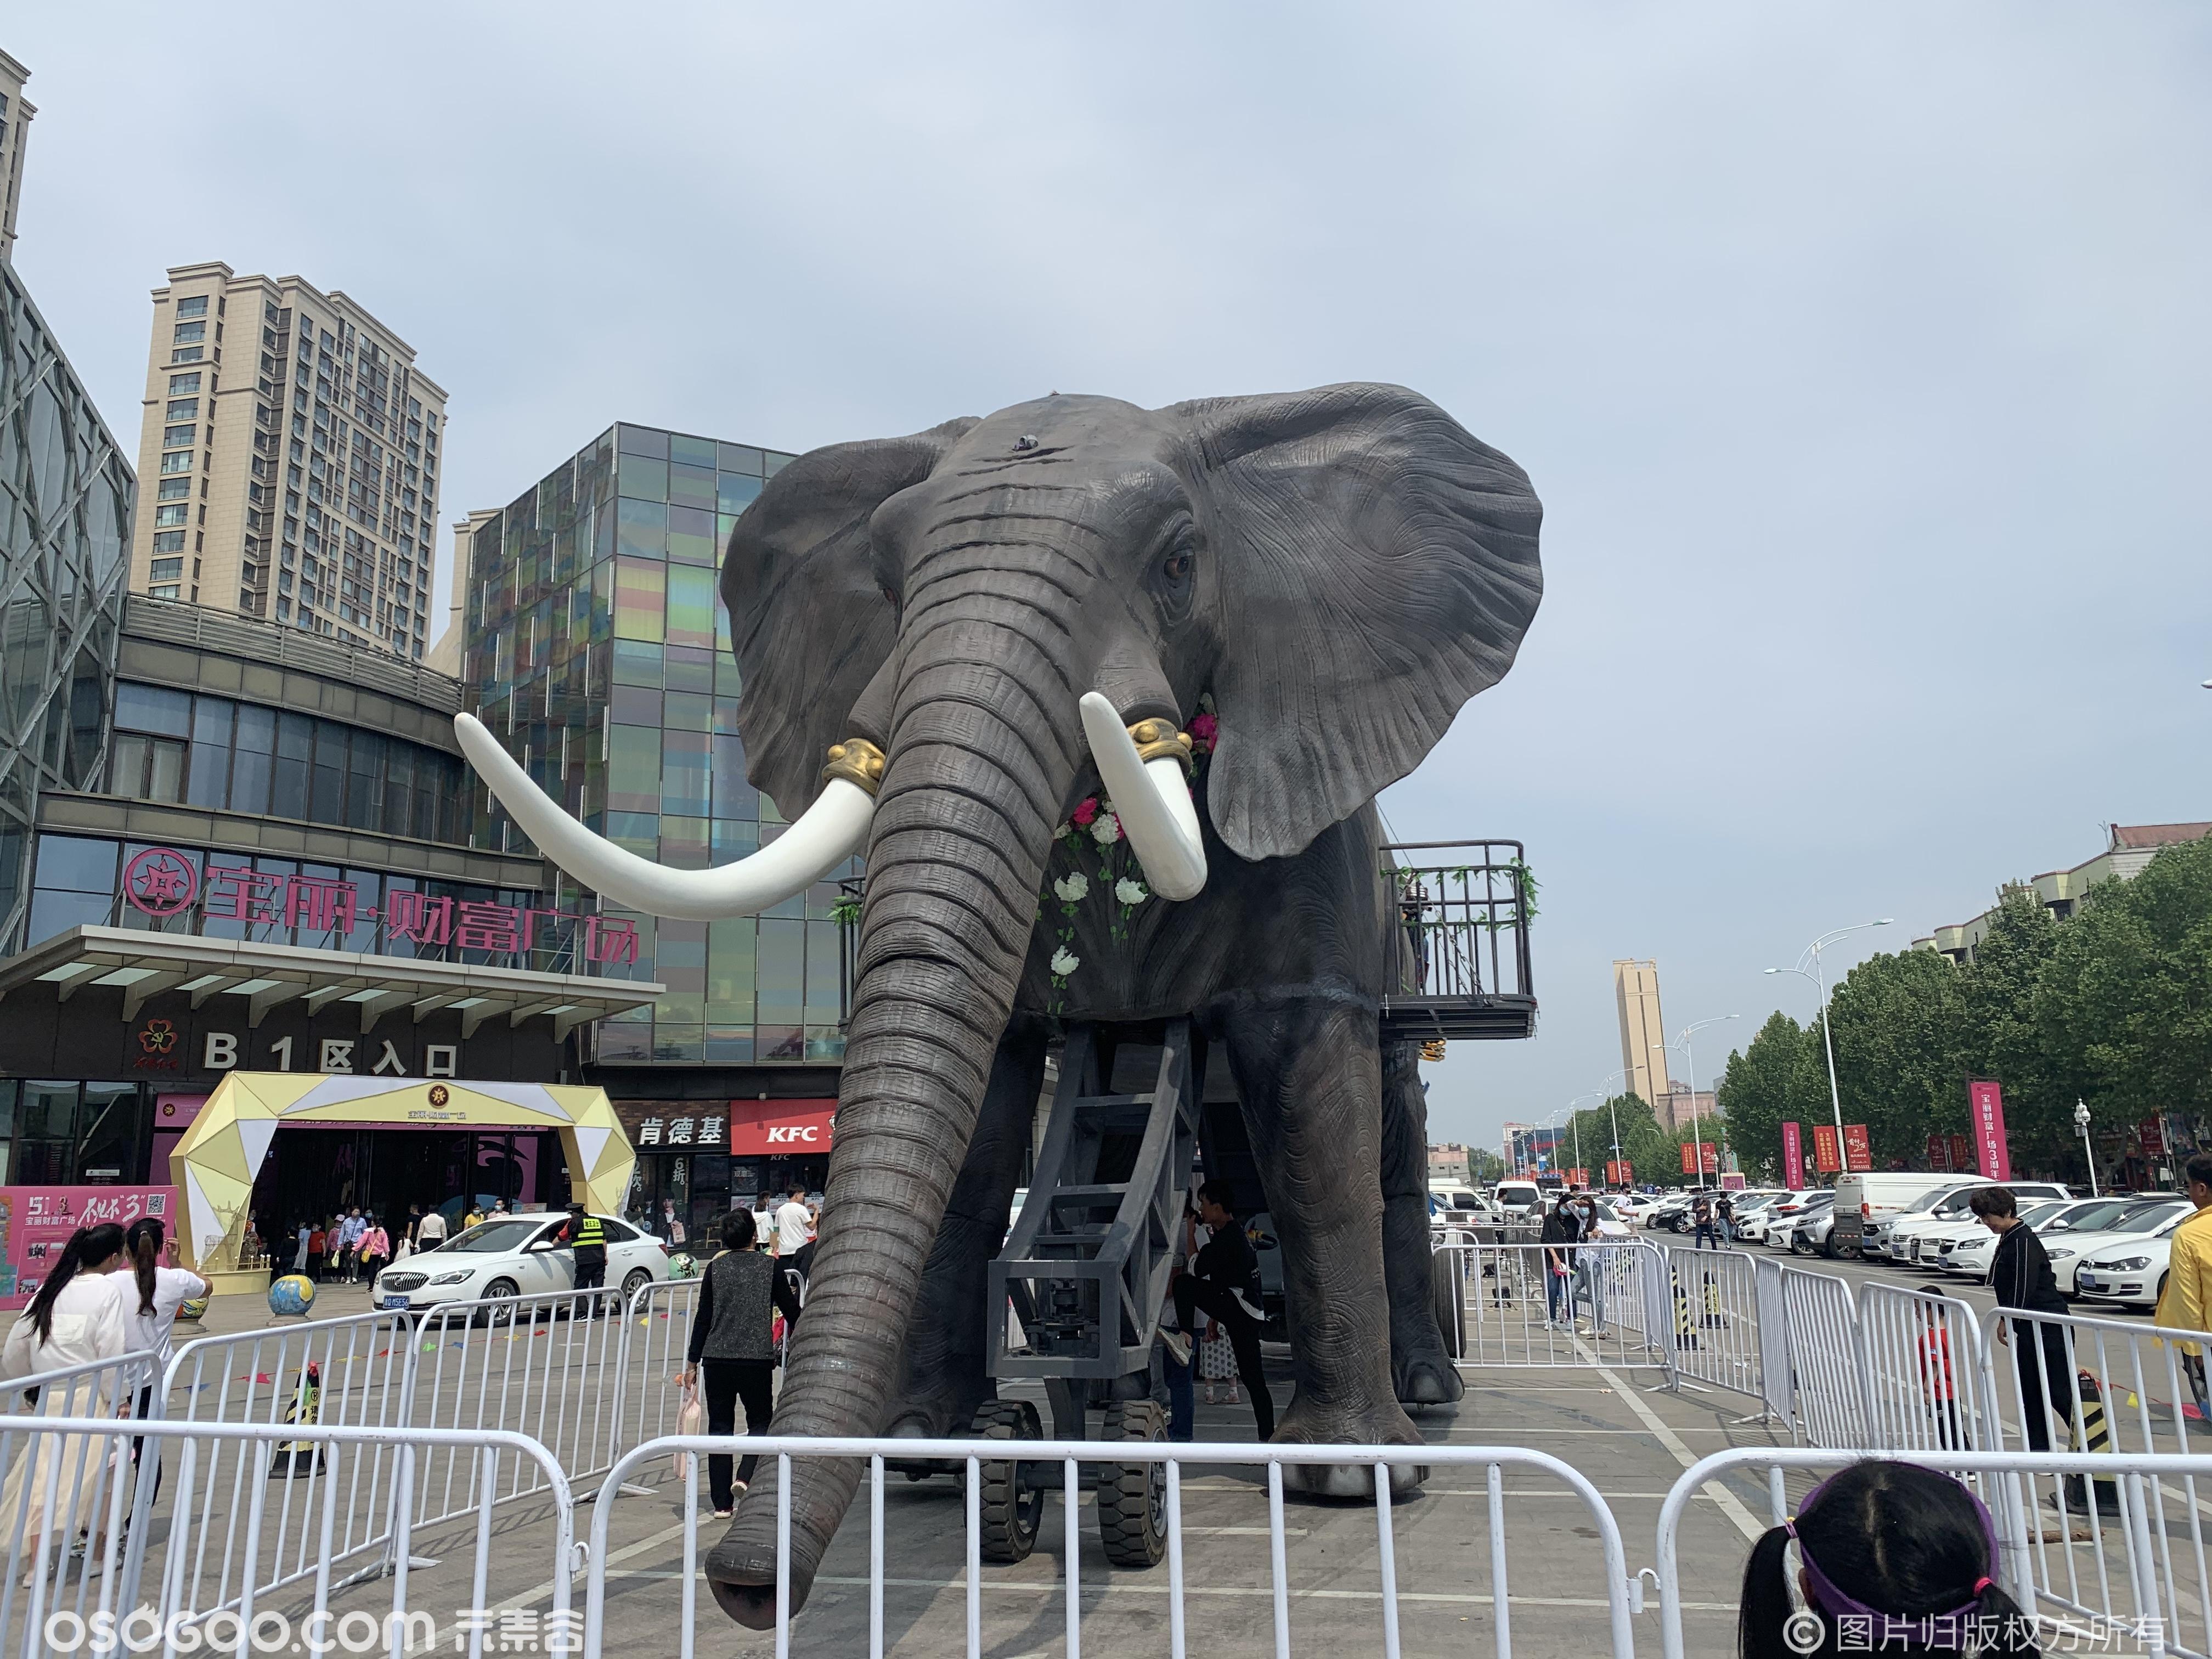 上古巨兽 巡游机械大象租赁 16米仿生巨型机械大象出租